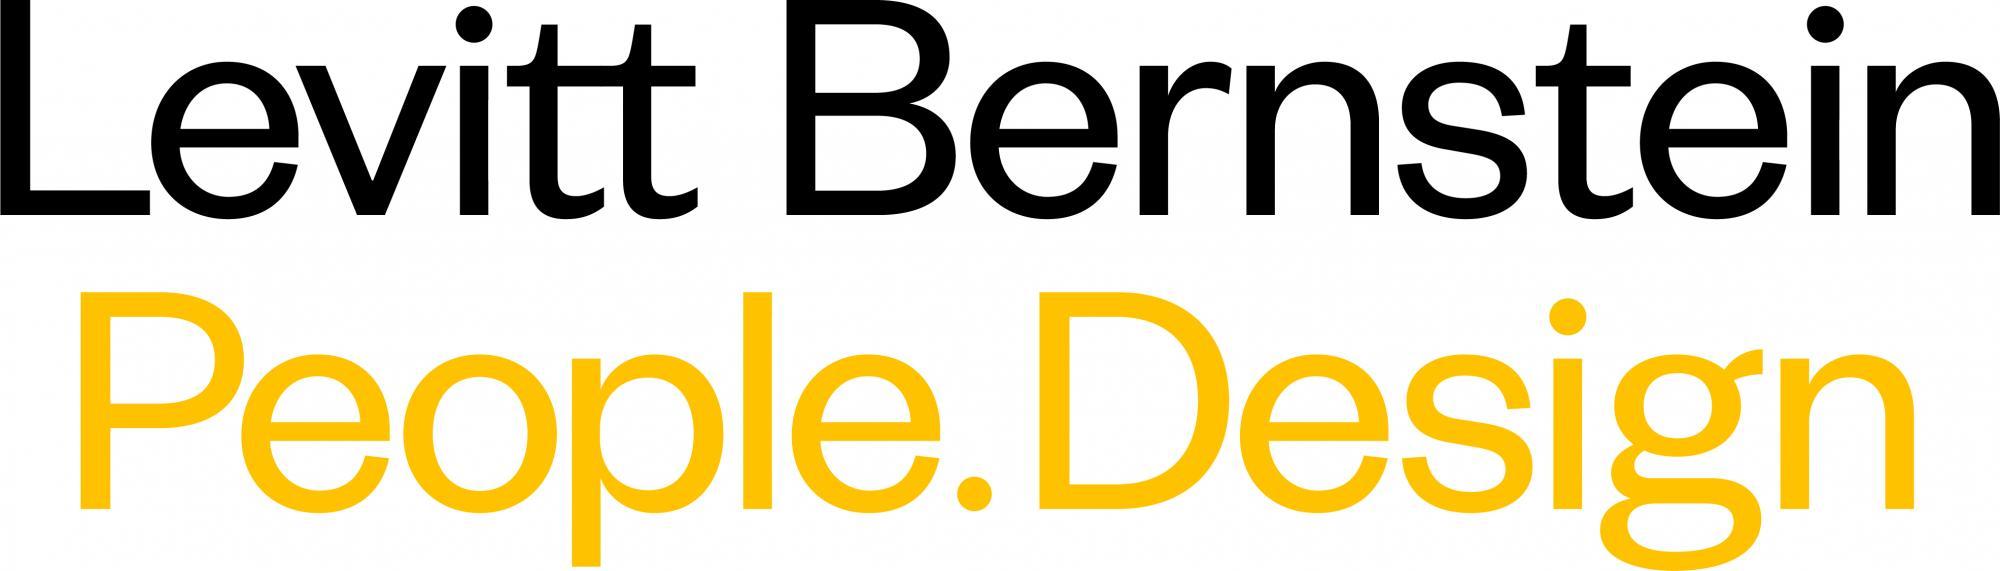 Levitt Bernstein Urban Design Group Practice